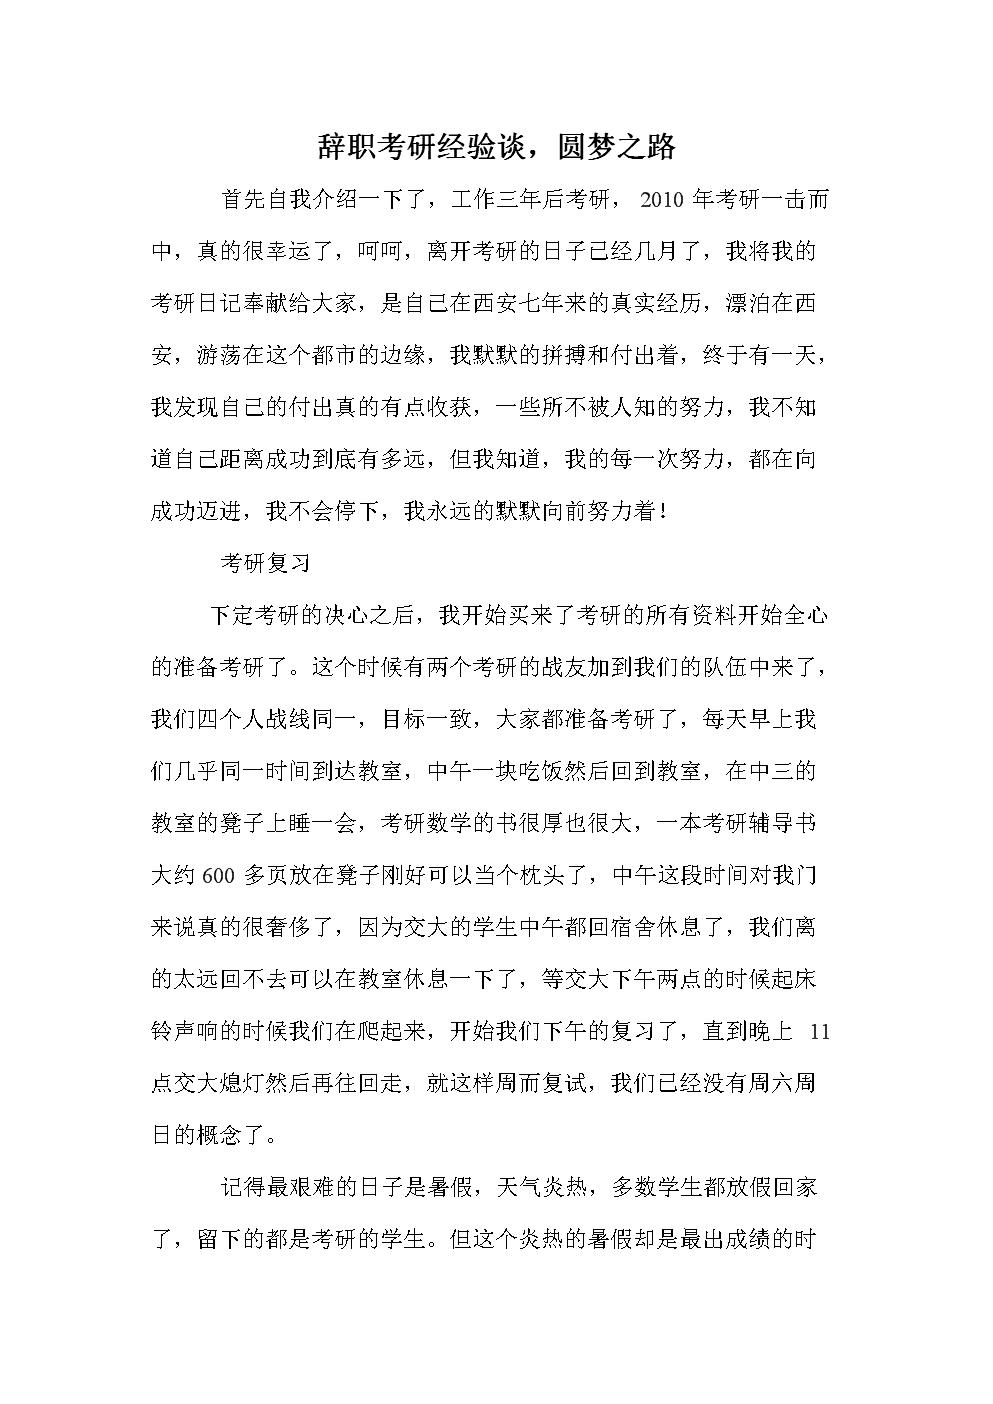 辞职考研经验谈,圆梦之路.doc